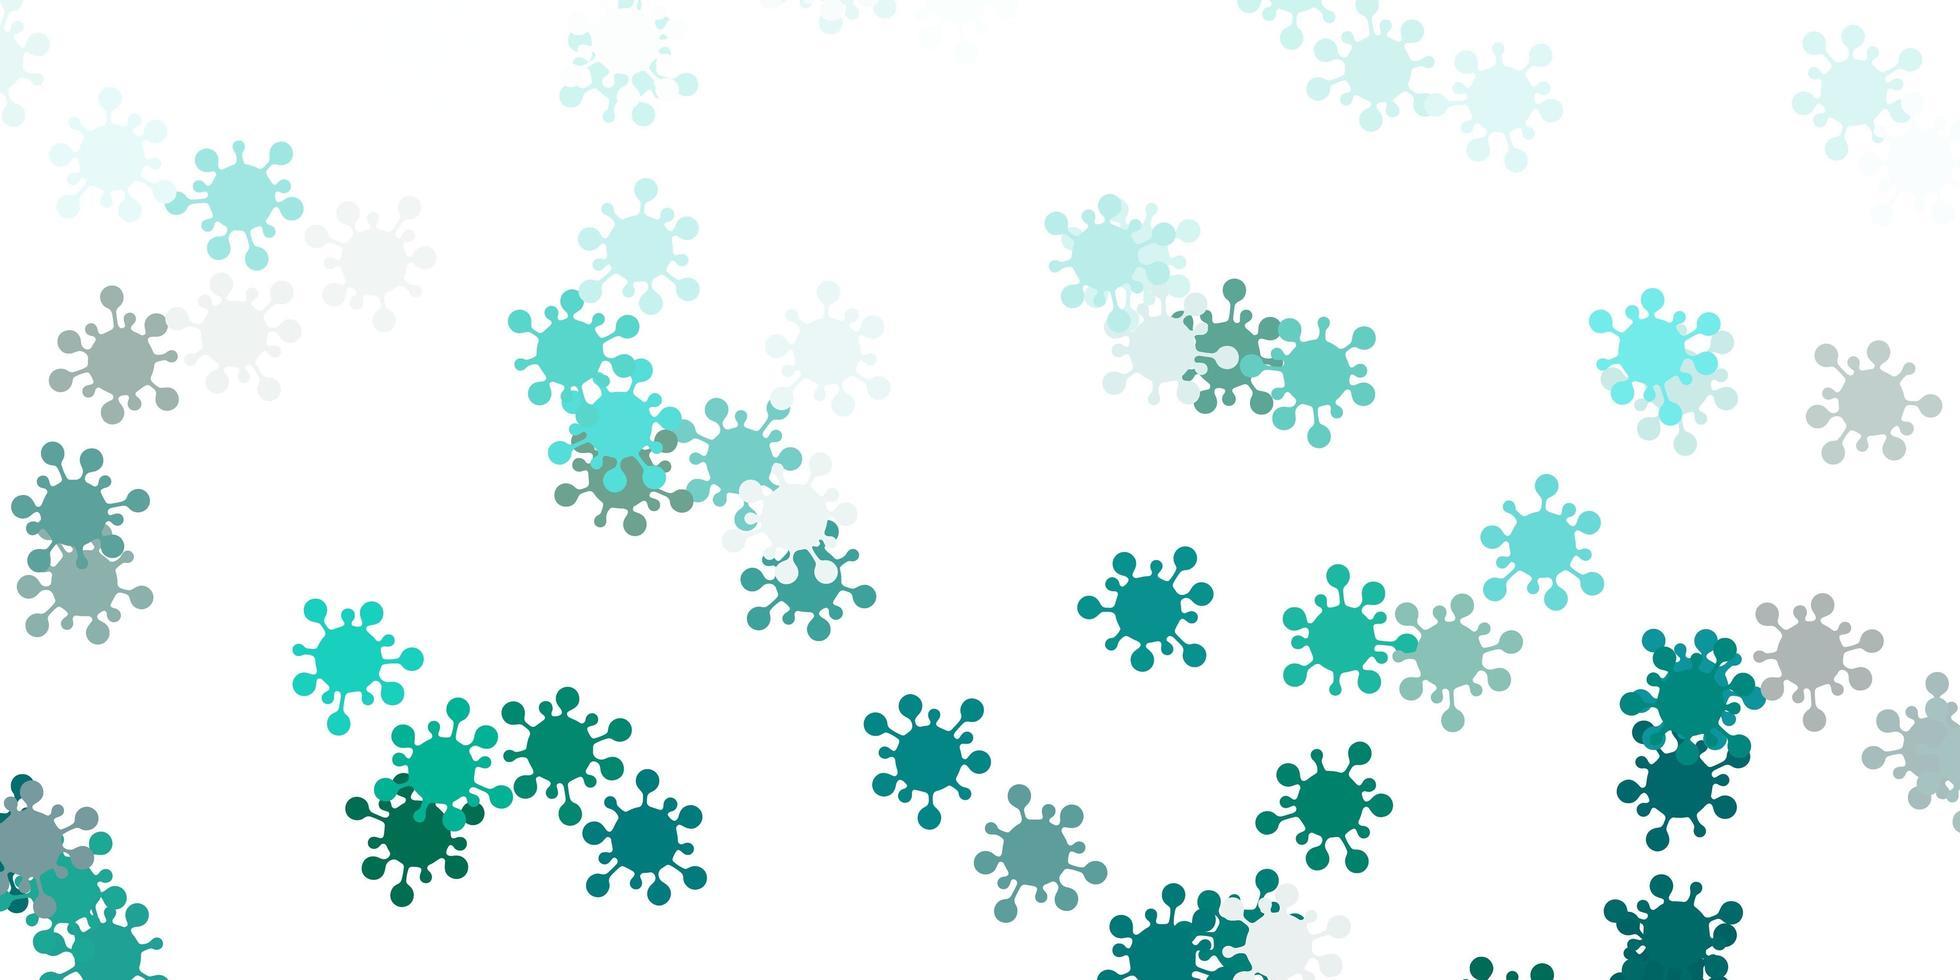 hellblauer, grüner Vektorhintergrund mit Virensymbolen. vektor